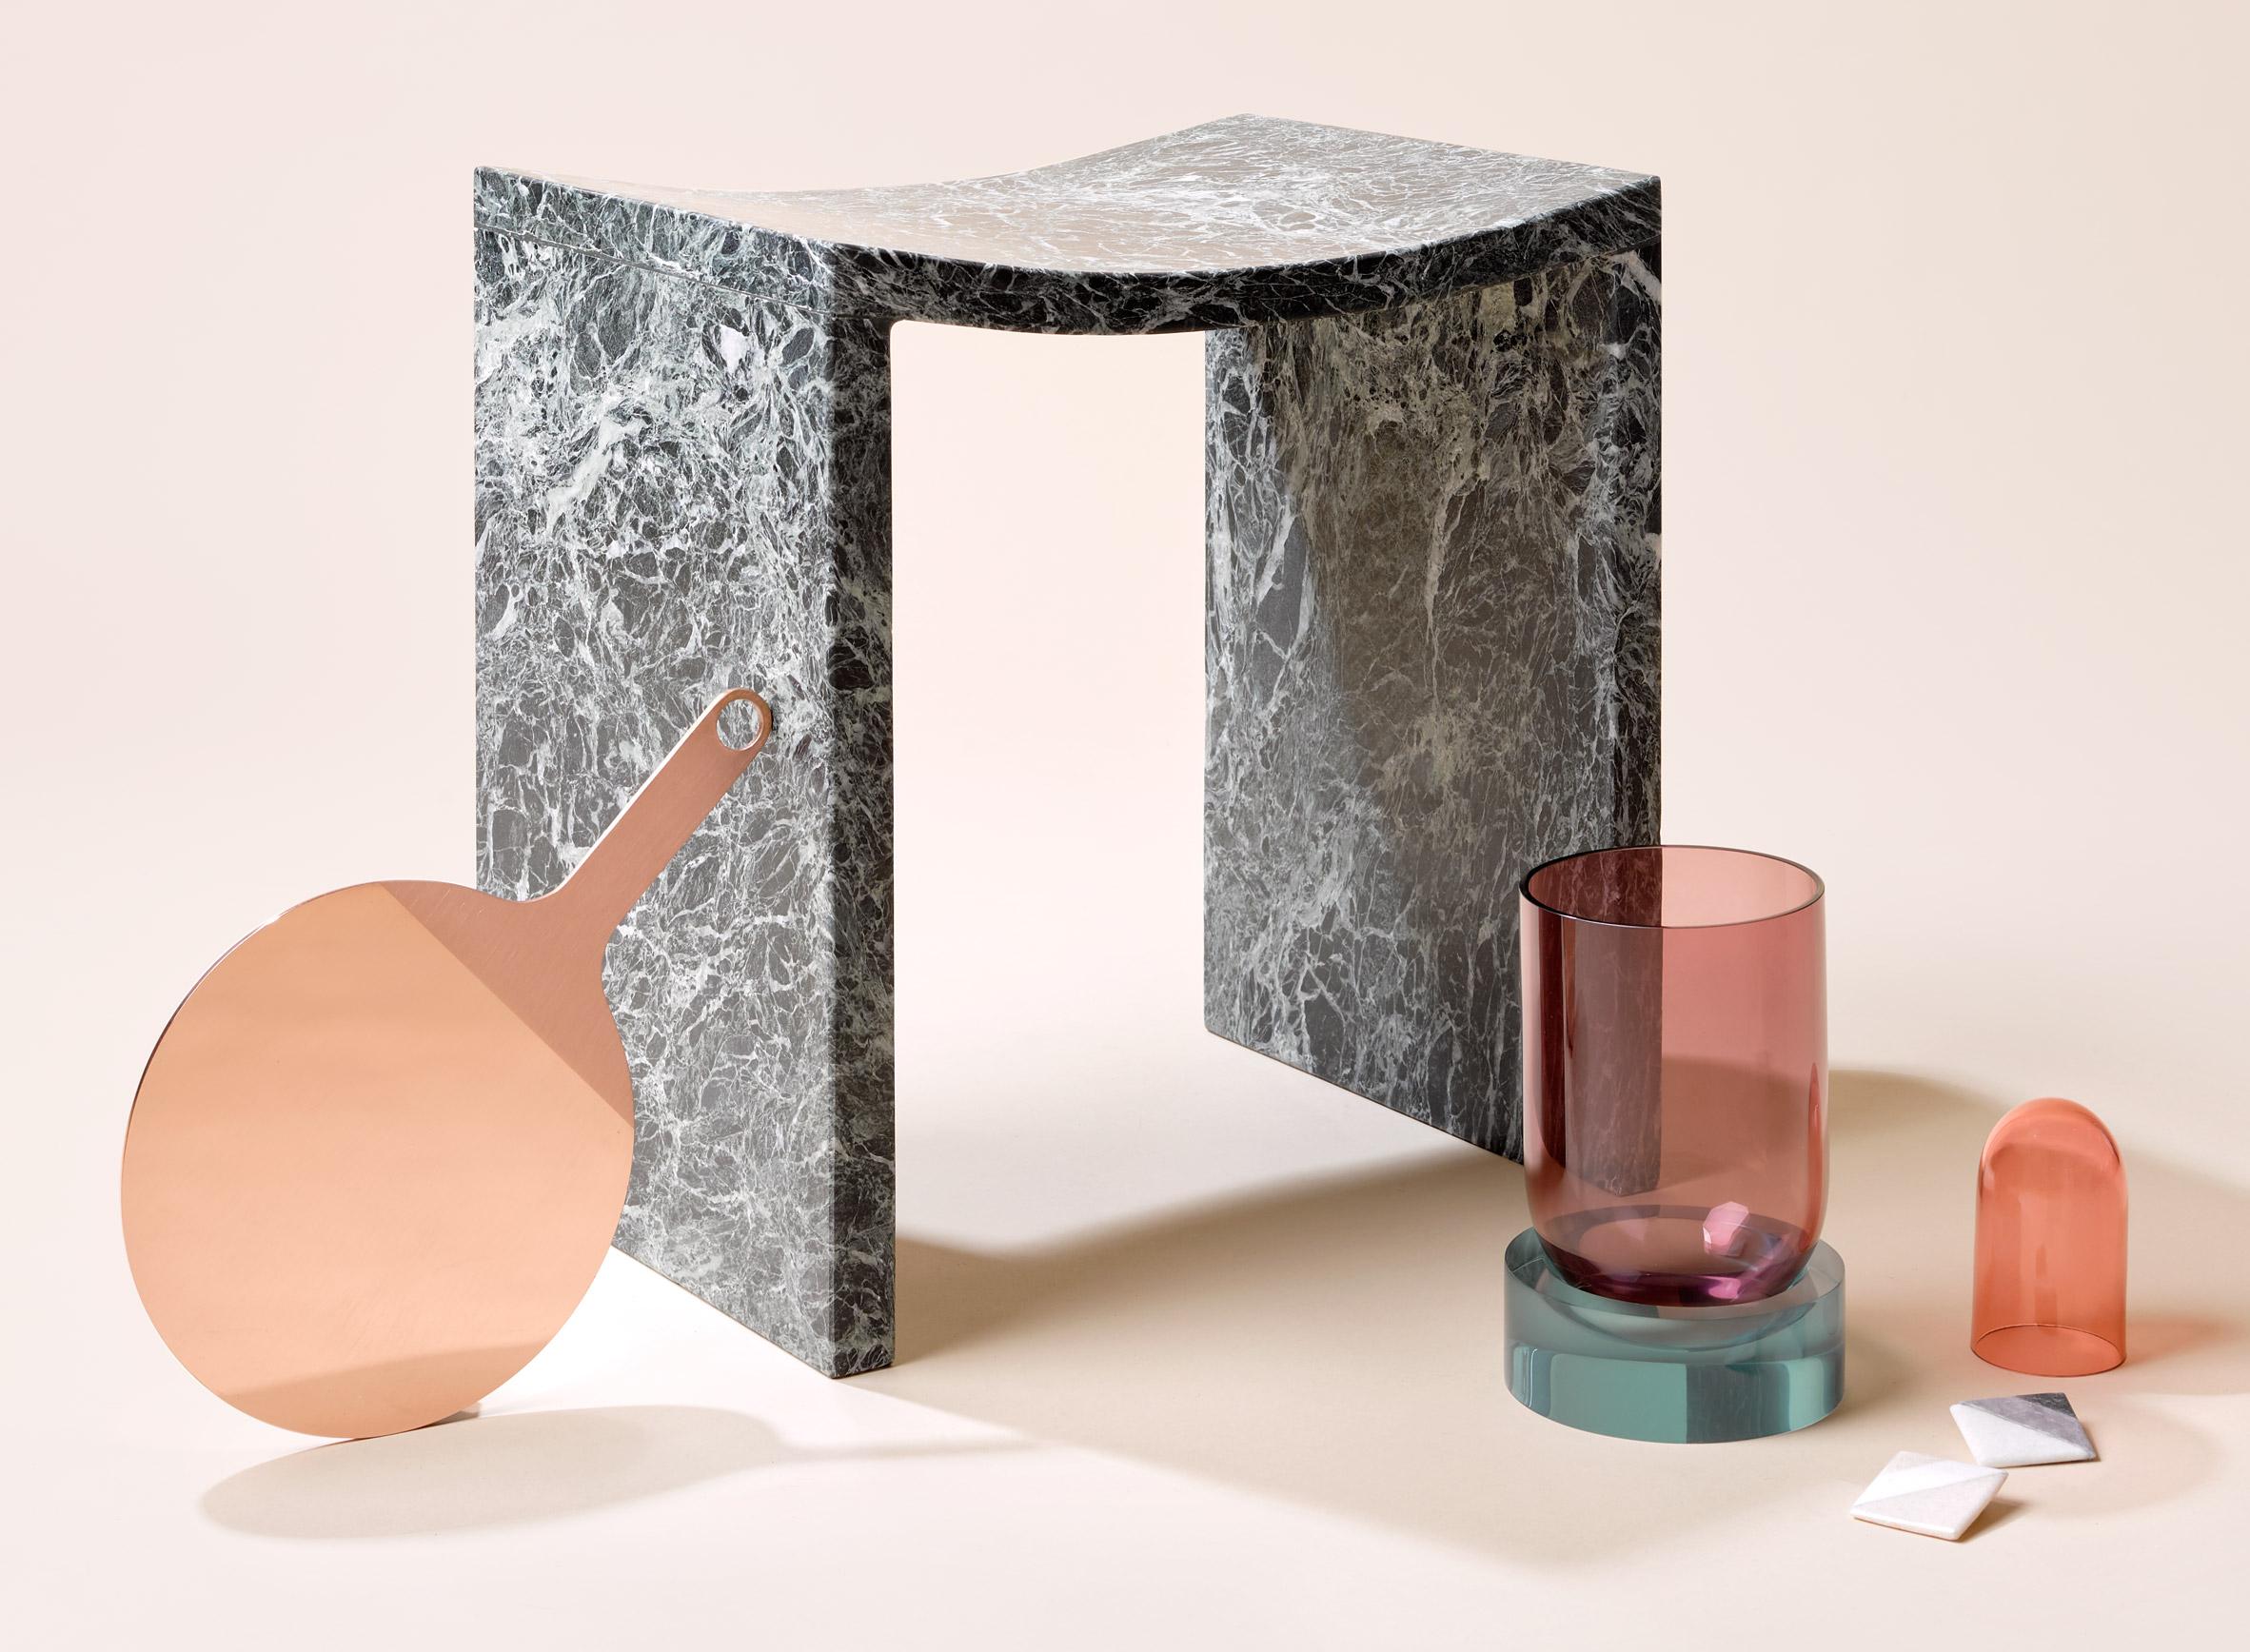 Intervista al duo di designer e architetti di OBJECT OF COMMON INTEREST | Collater.al 14